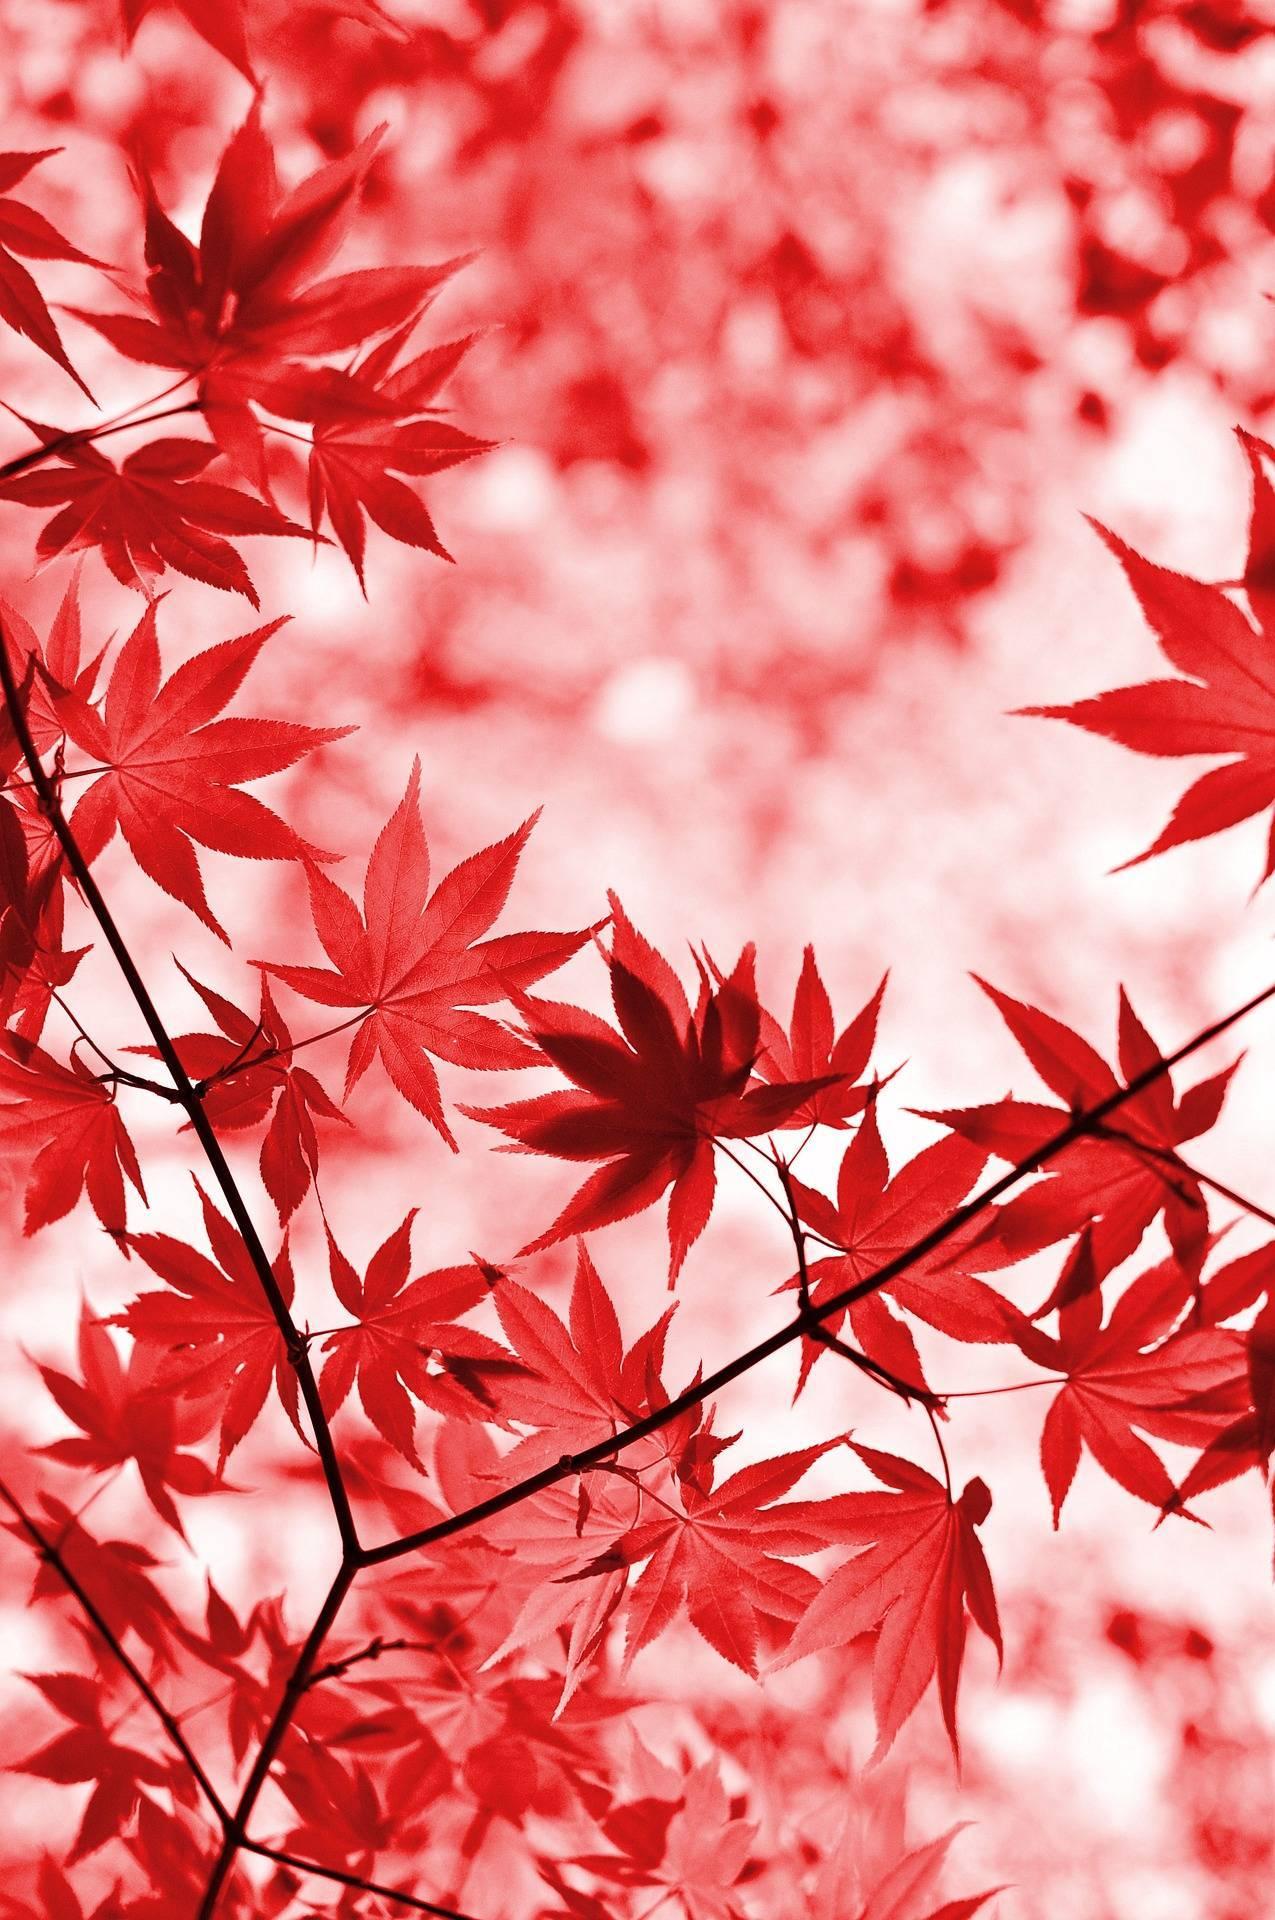 Садовое растение с листьями, как у клена — шикарный кленолистник